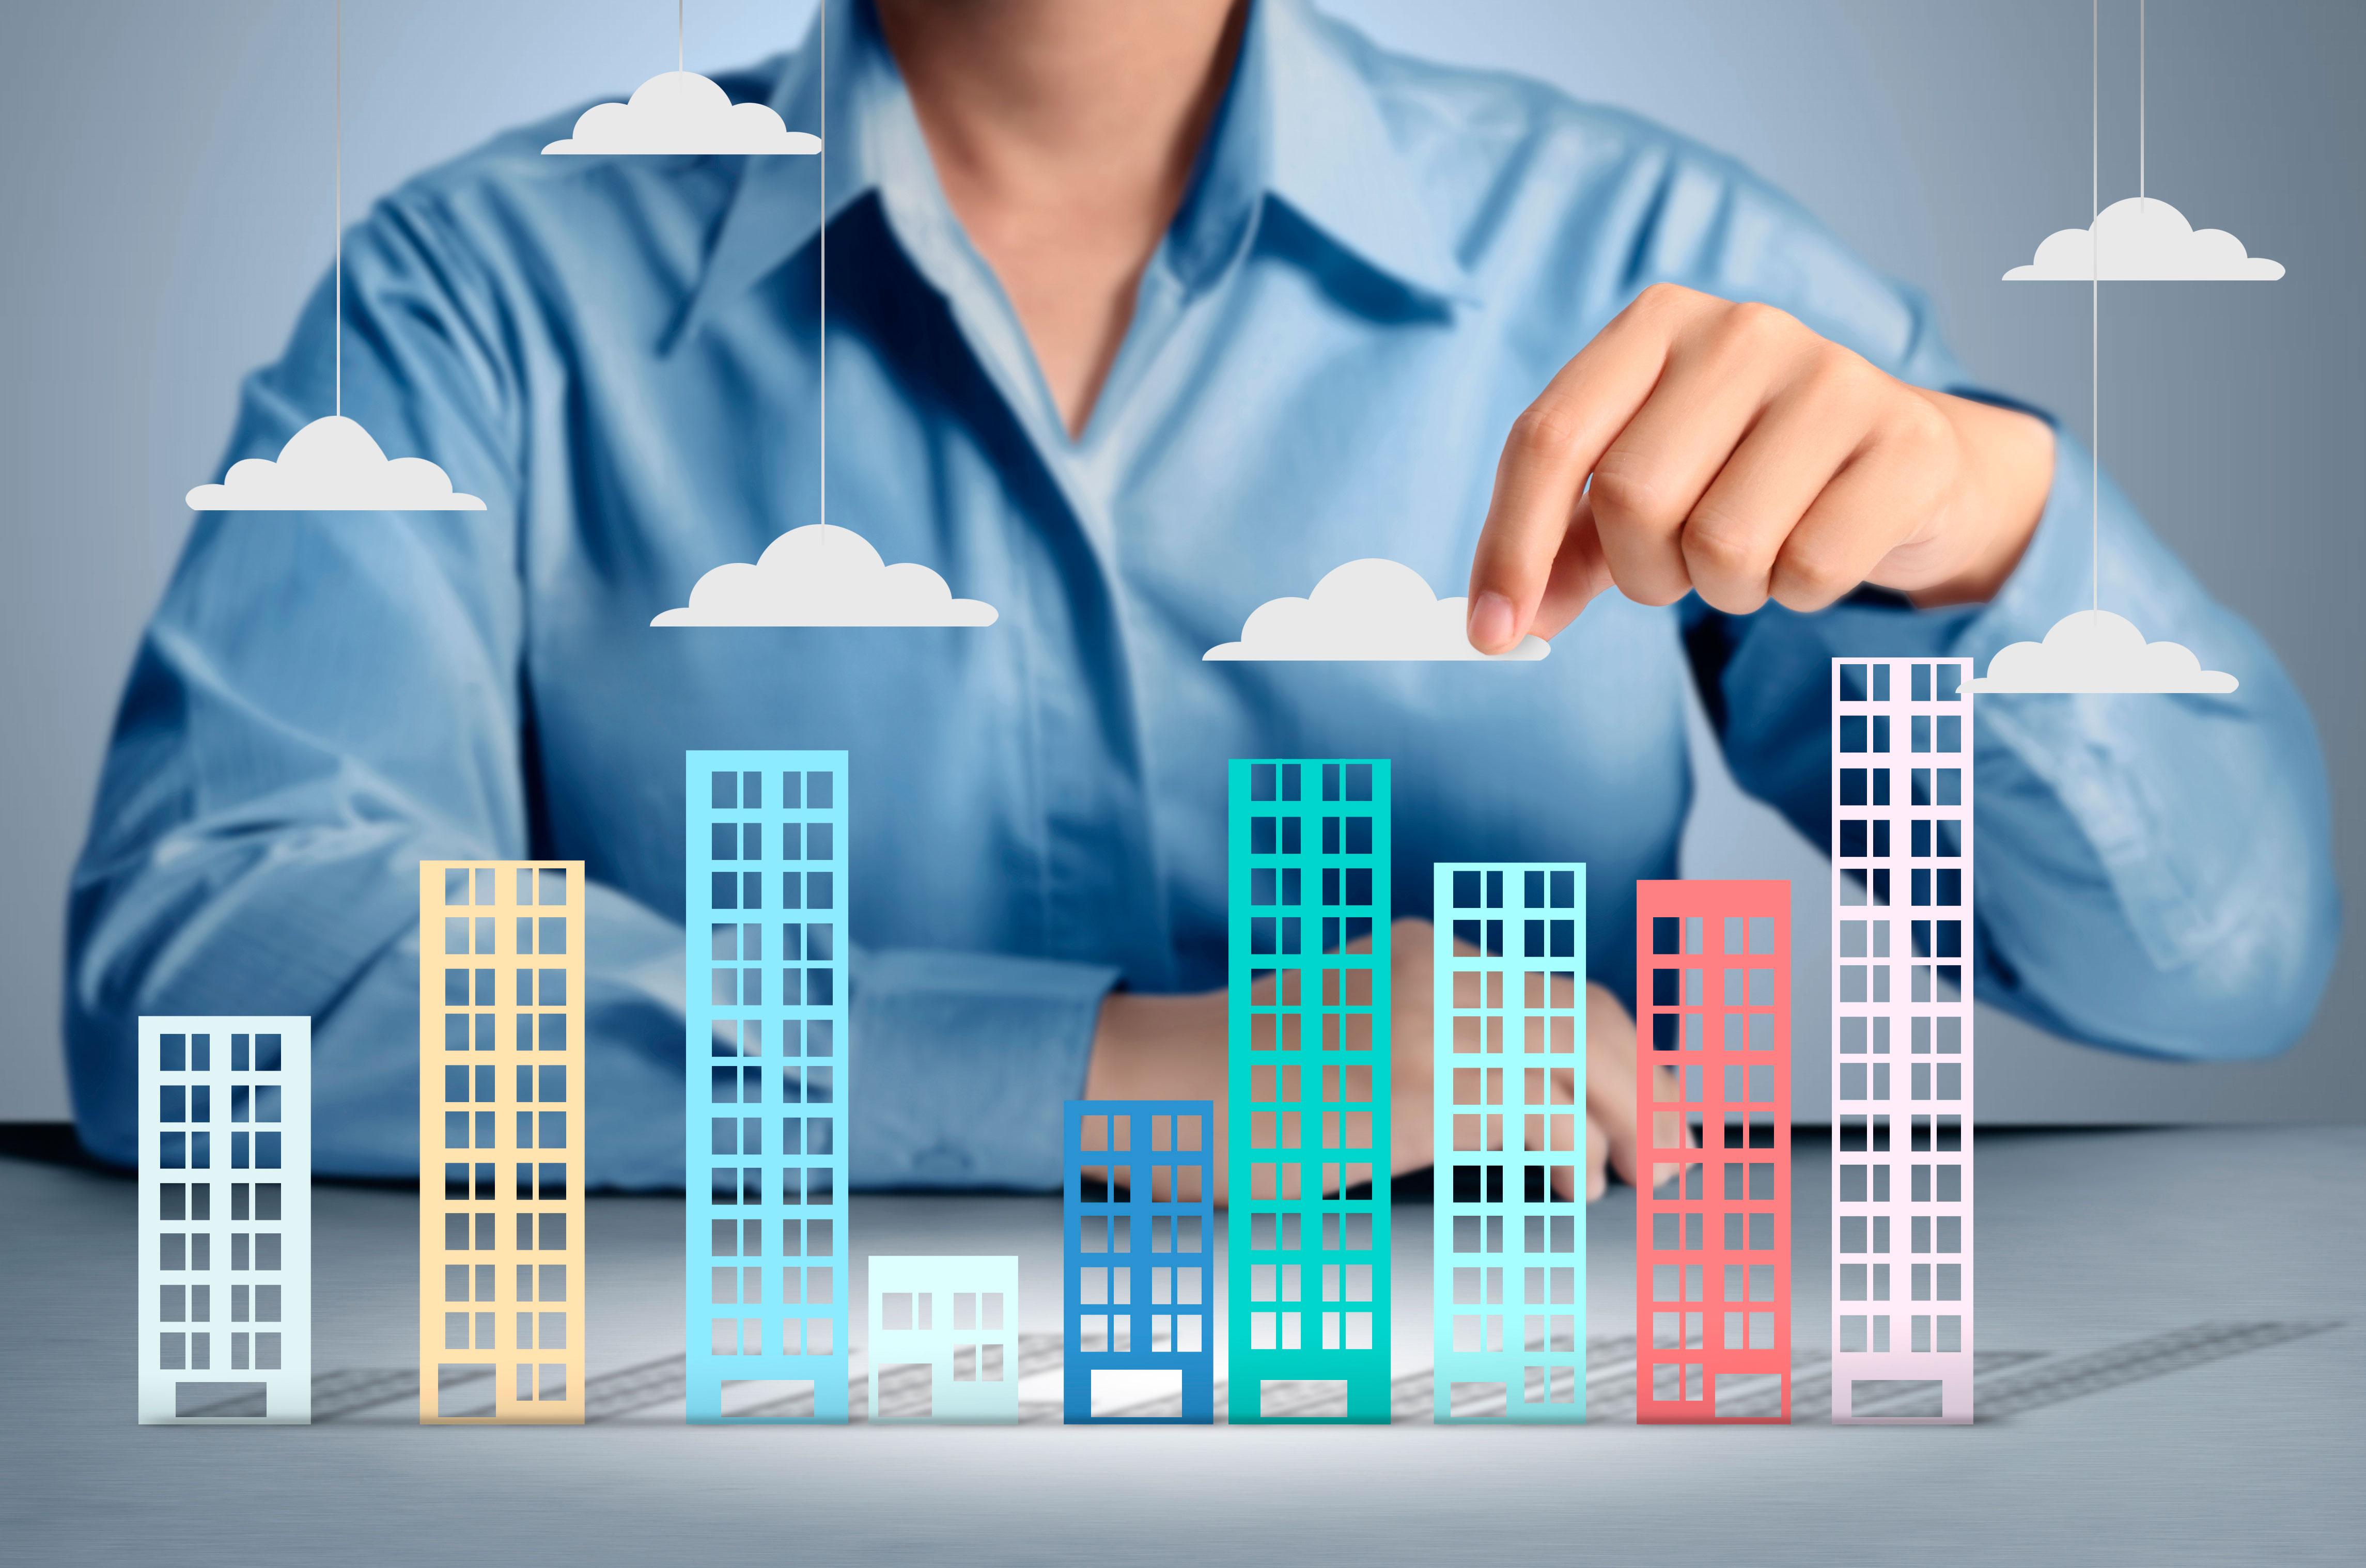 Типы домов для продажи на рынке недвижимости в России. Советы для инвесторов в недвижимость